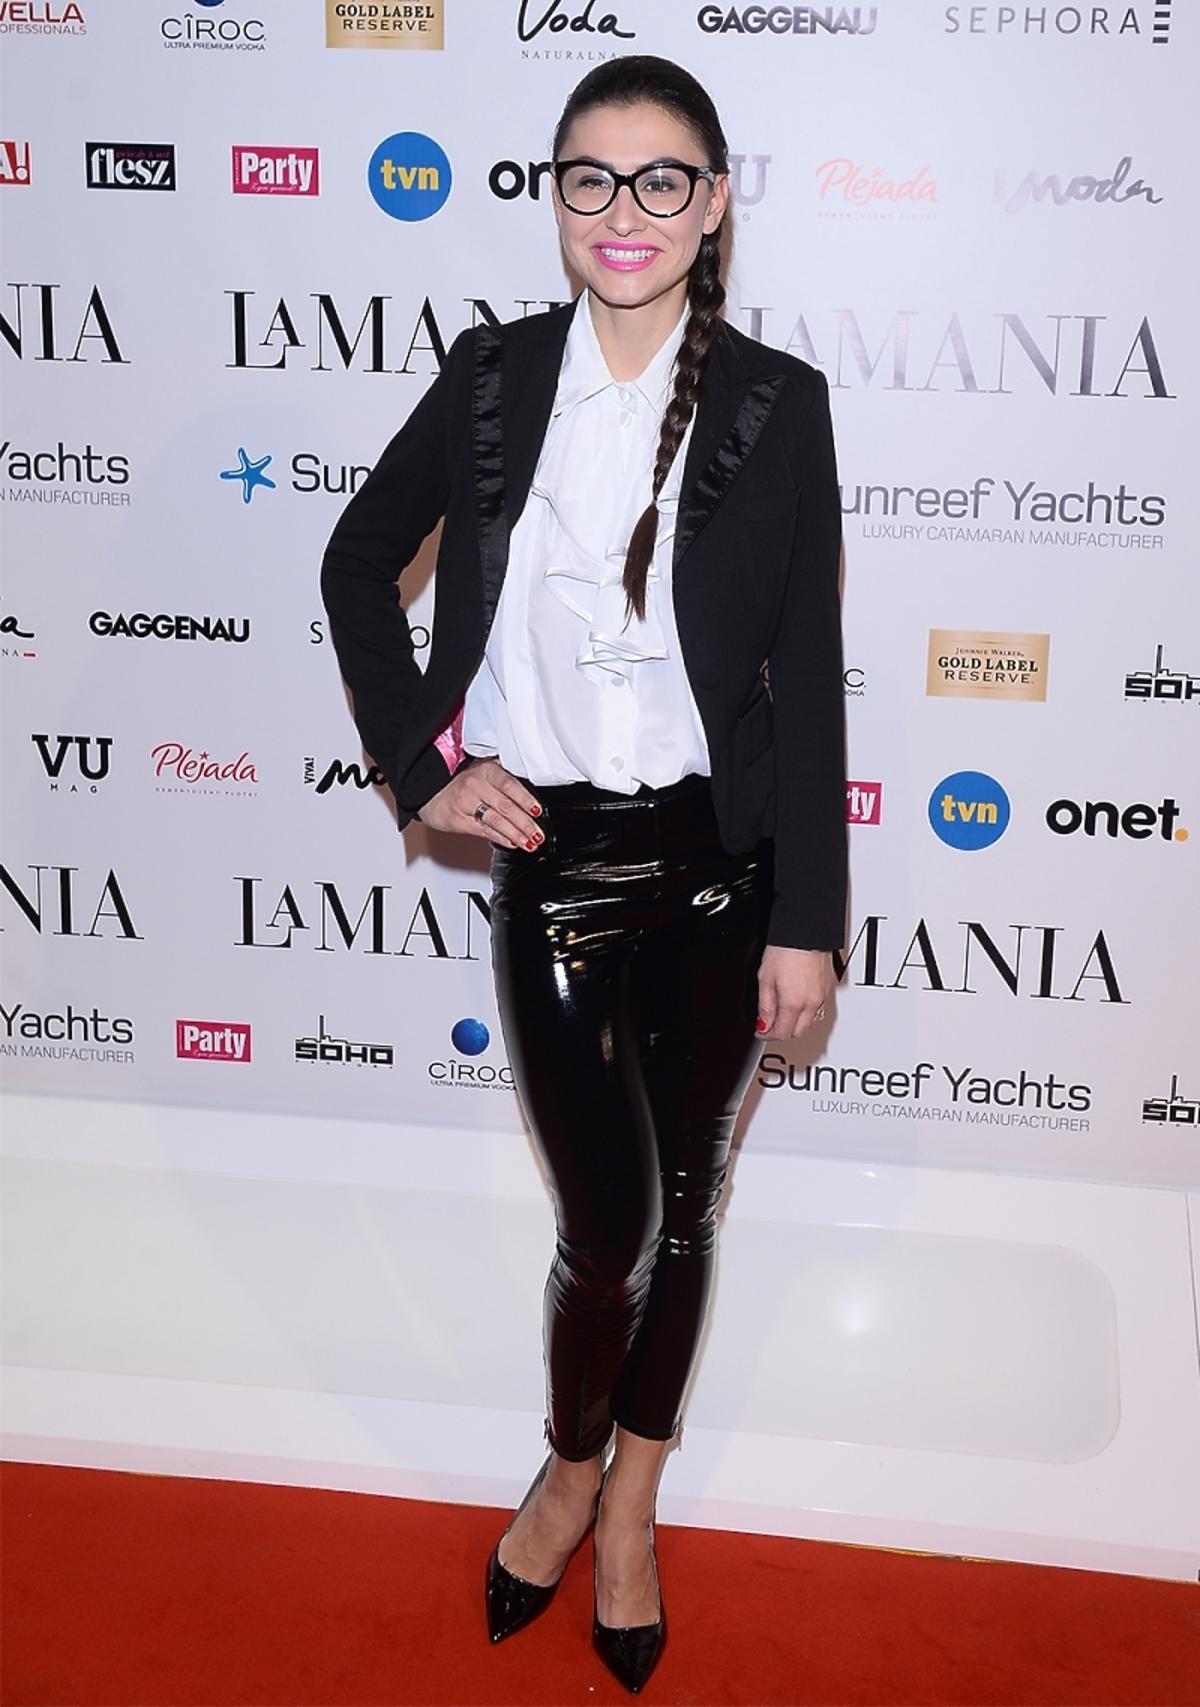 Angelika Fajcht na pokazie La Manii 2014 w Soho Factory